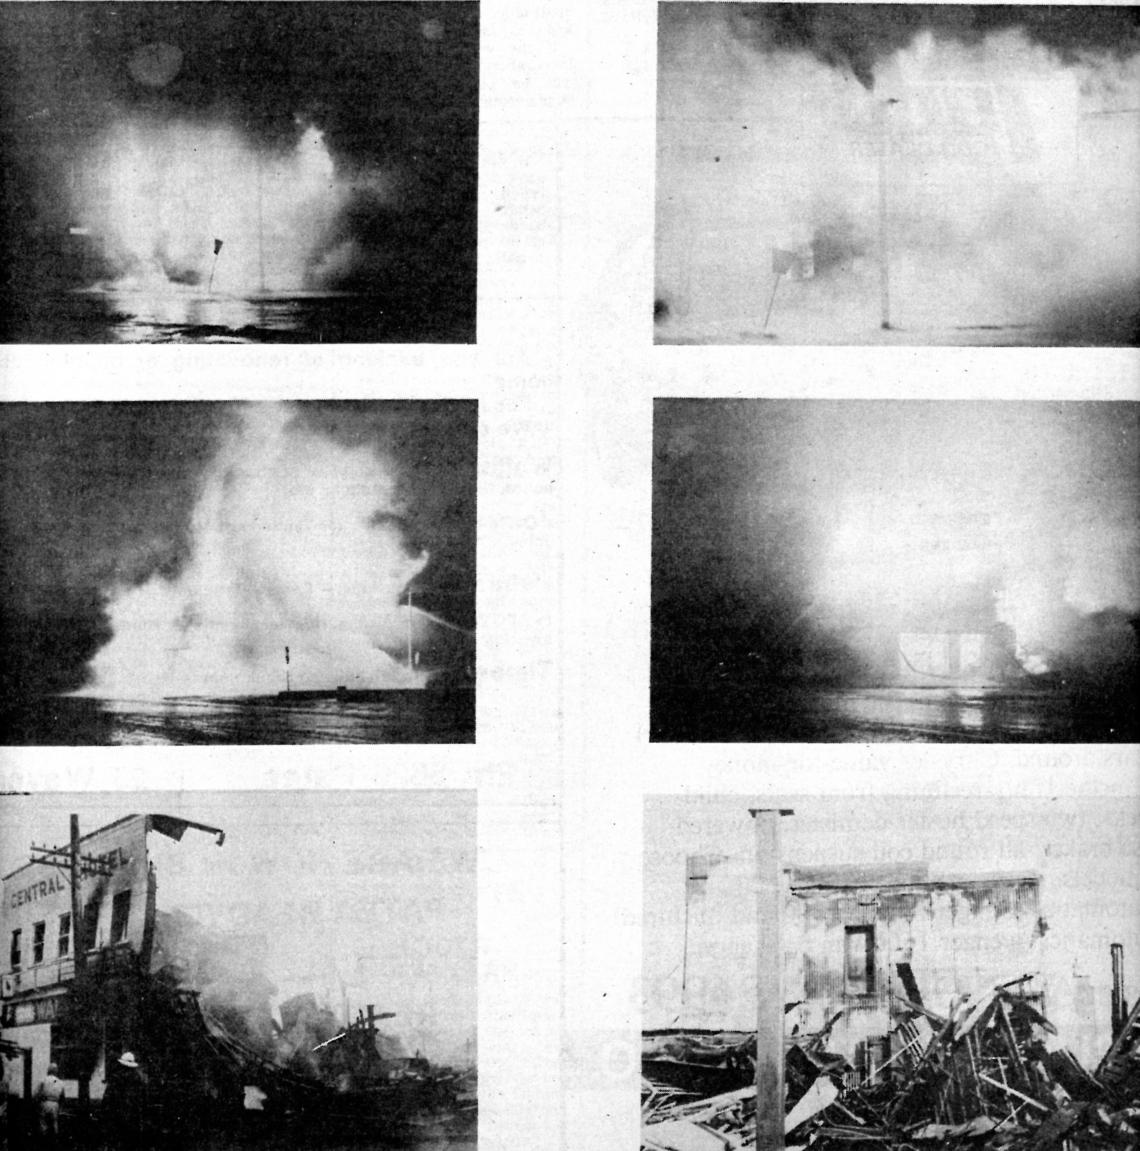 Central Hotel Fire 1976, Patea